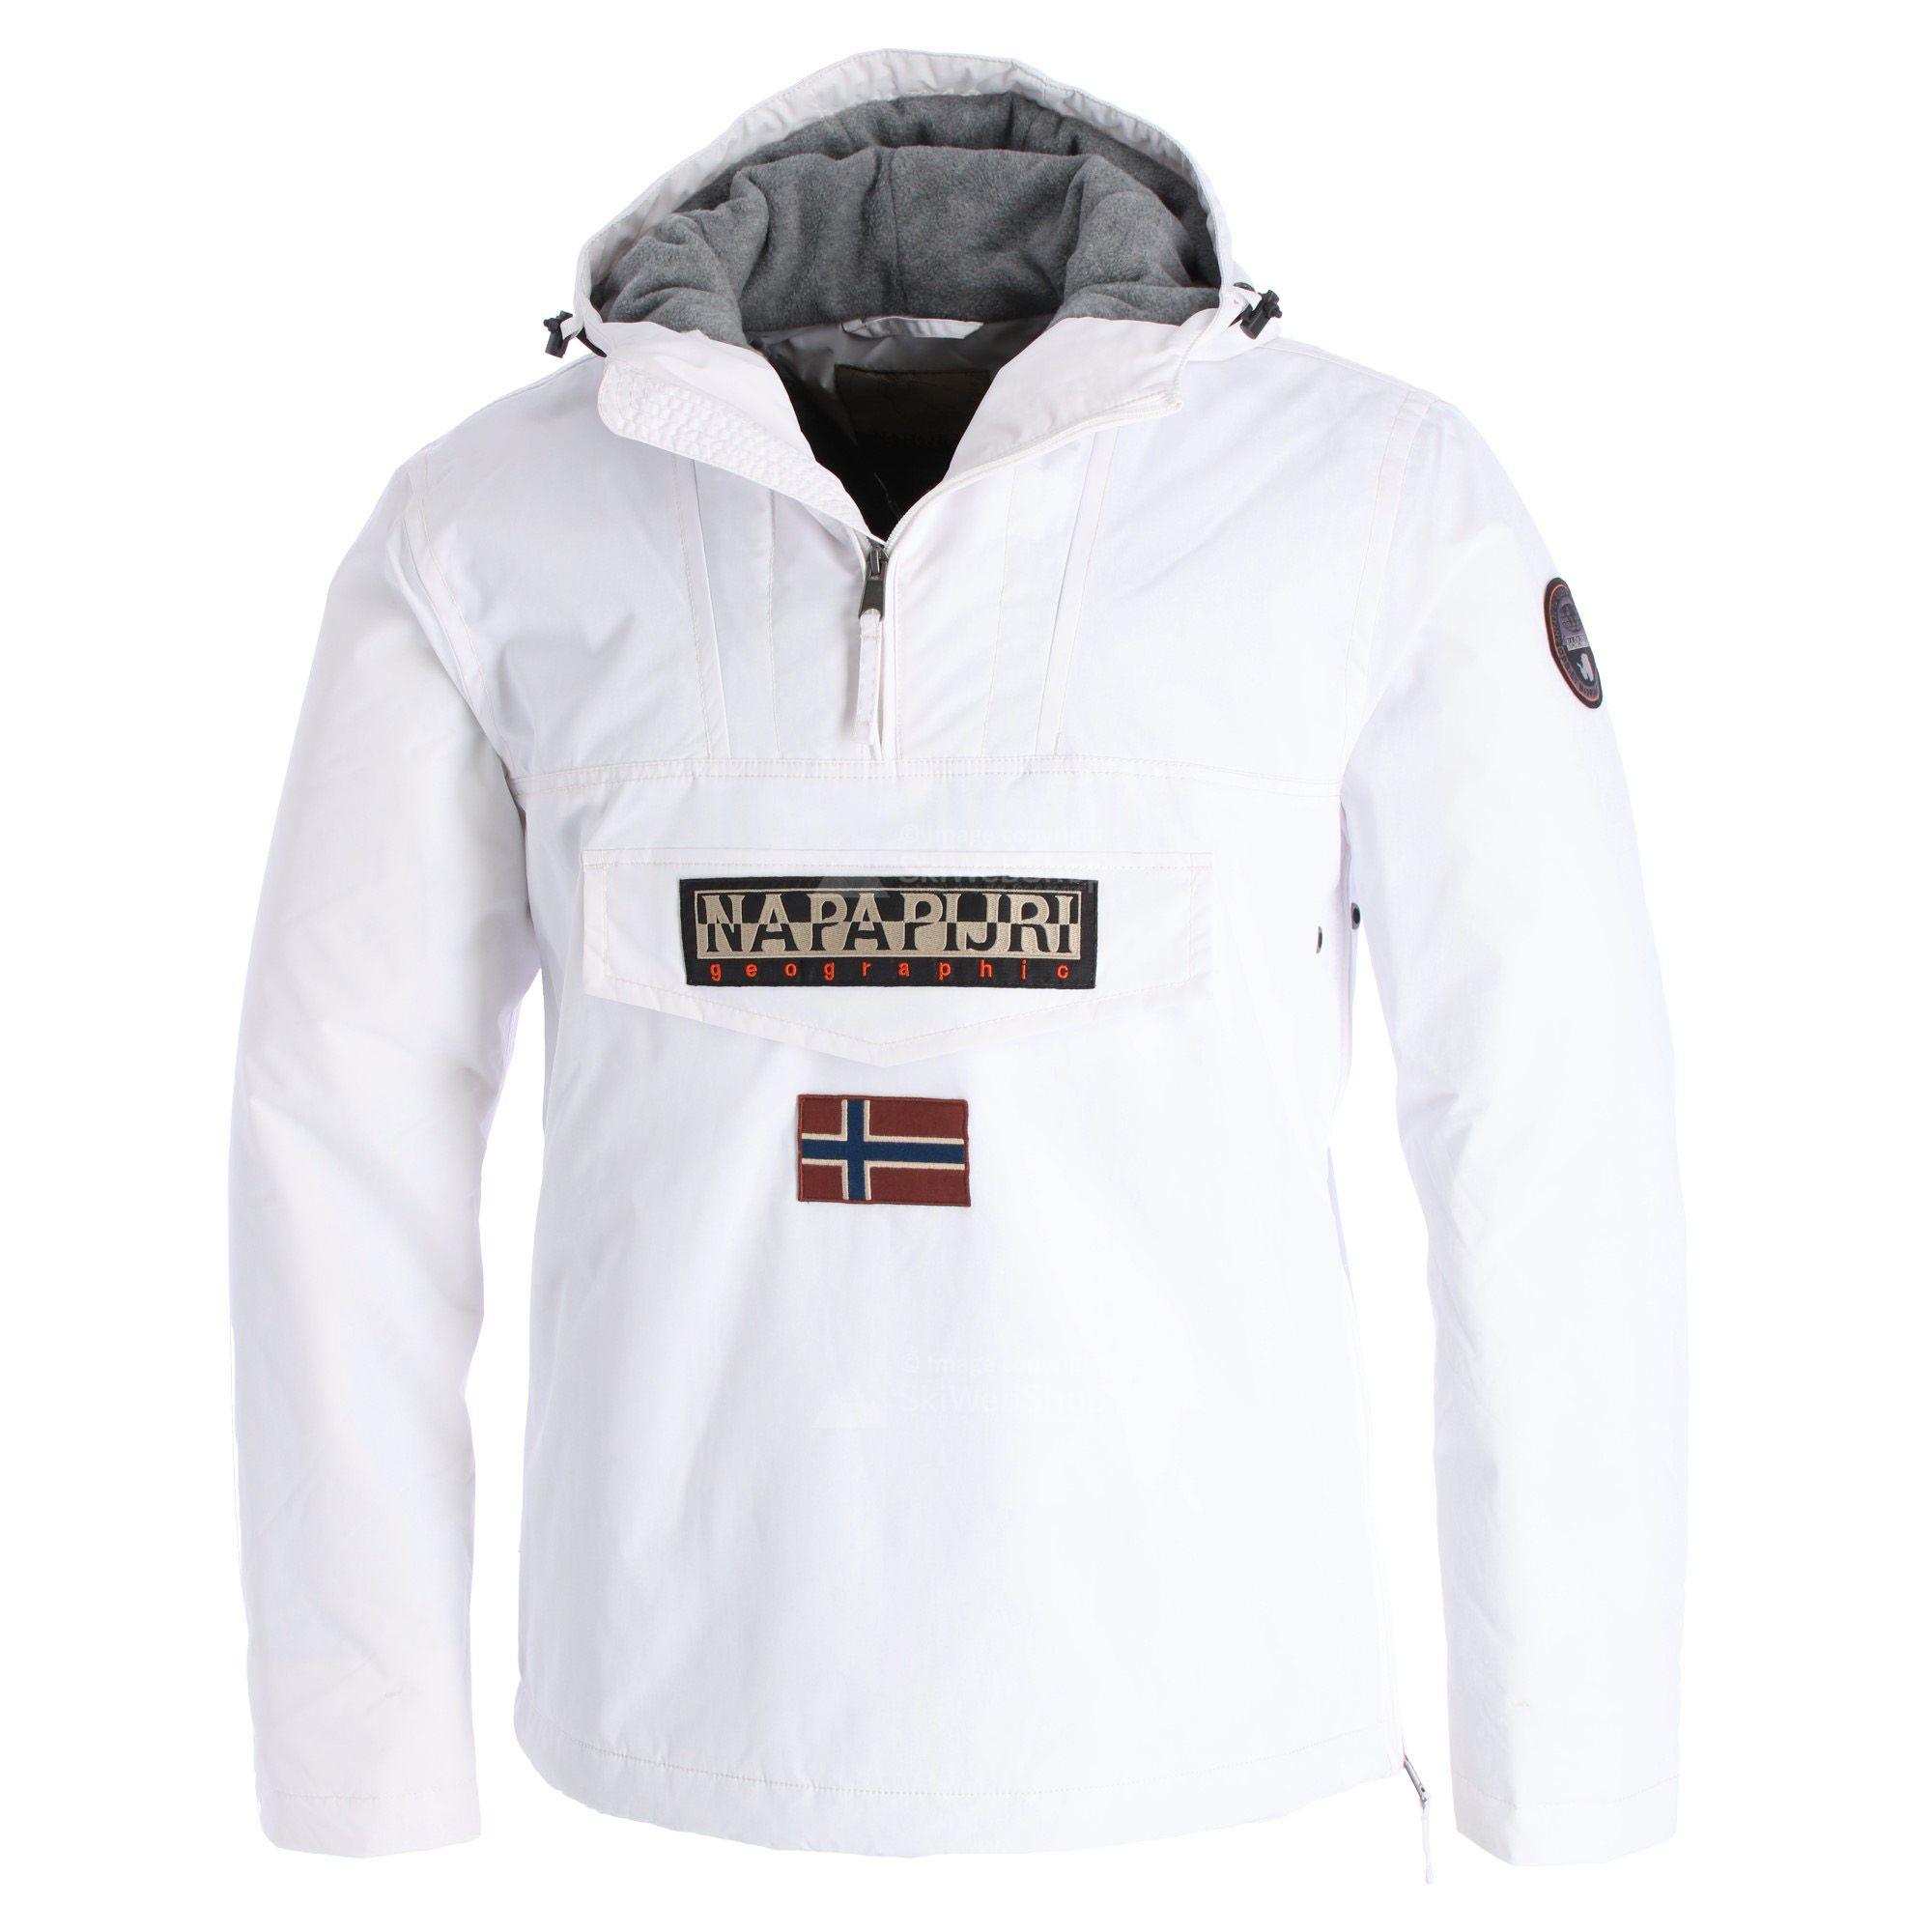 Adelaide Proporzionale Discriminazione  Napapijri, Rainforest anorak, giacca invernale, uomo, bianco ottico •  SkiWebShop